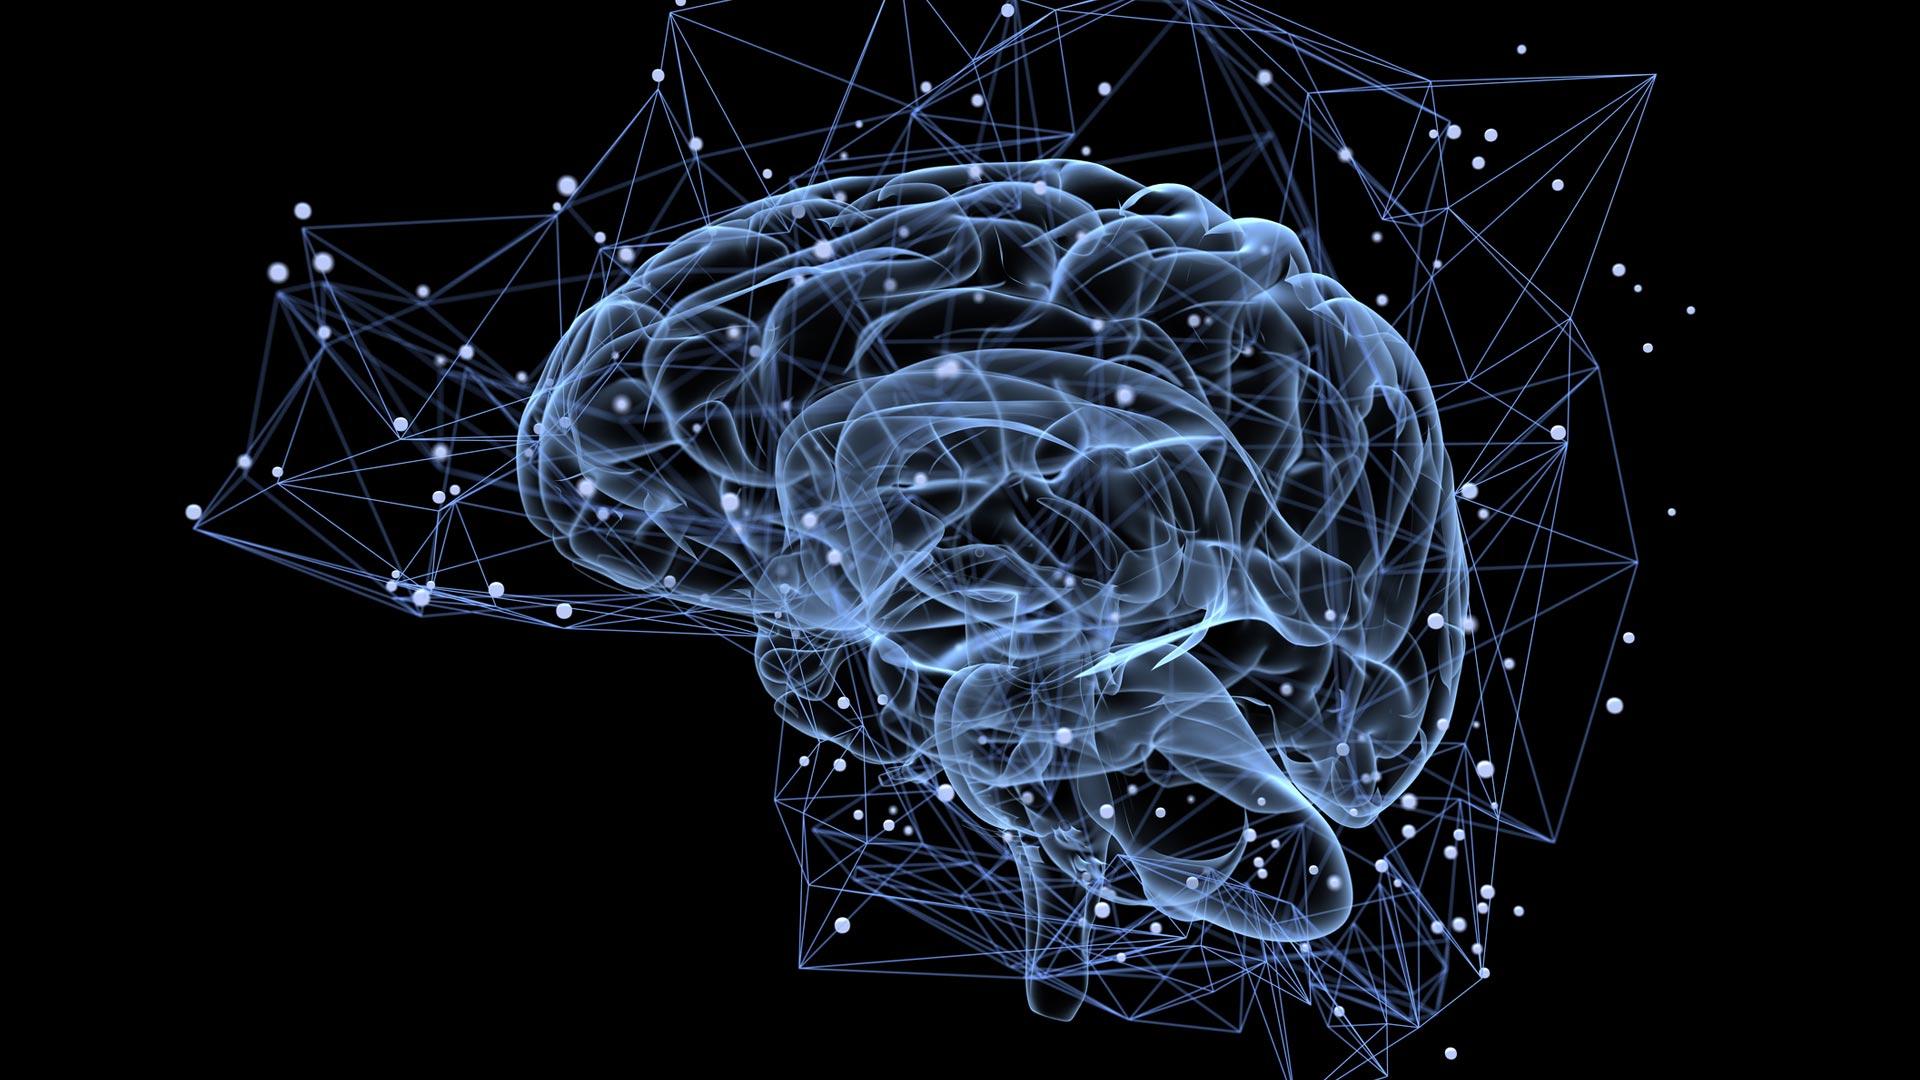 Si no duermes, las celulas de cerebro cambian